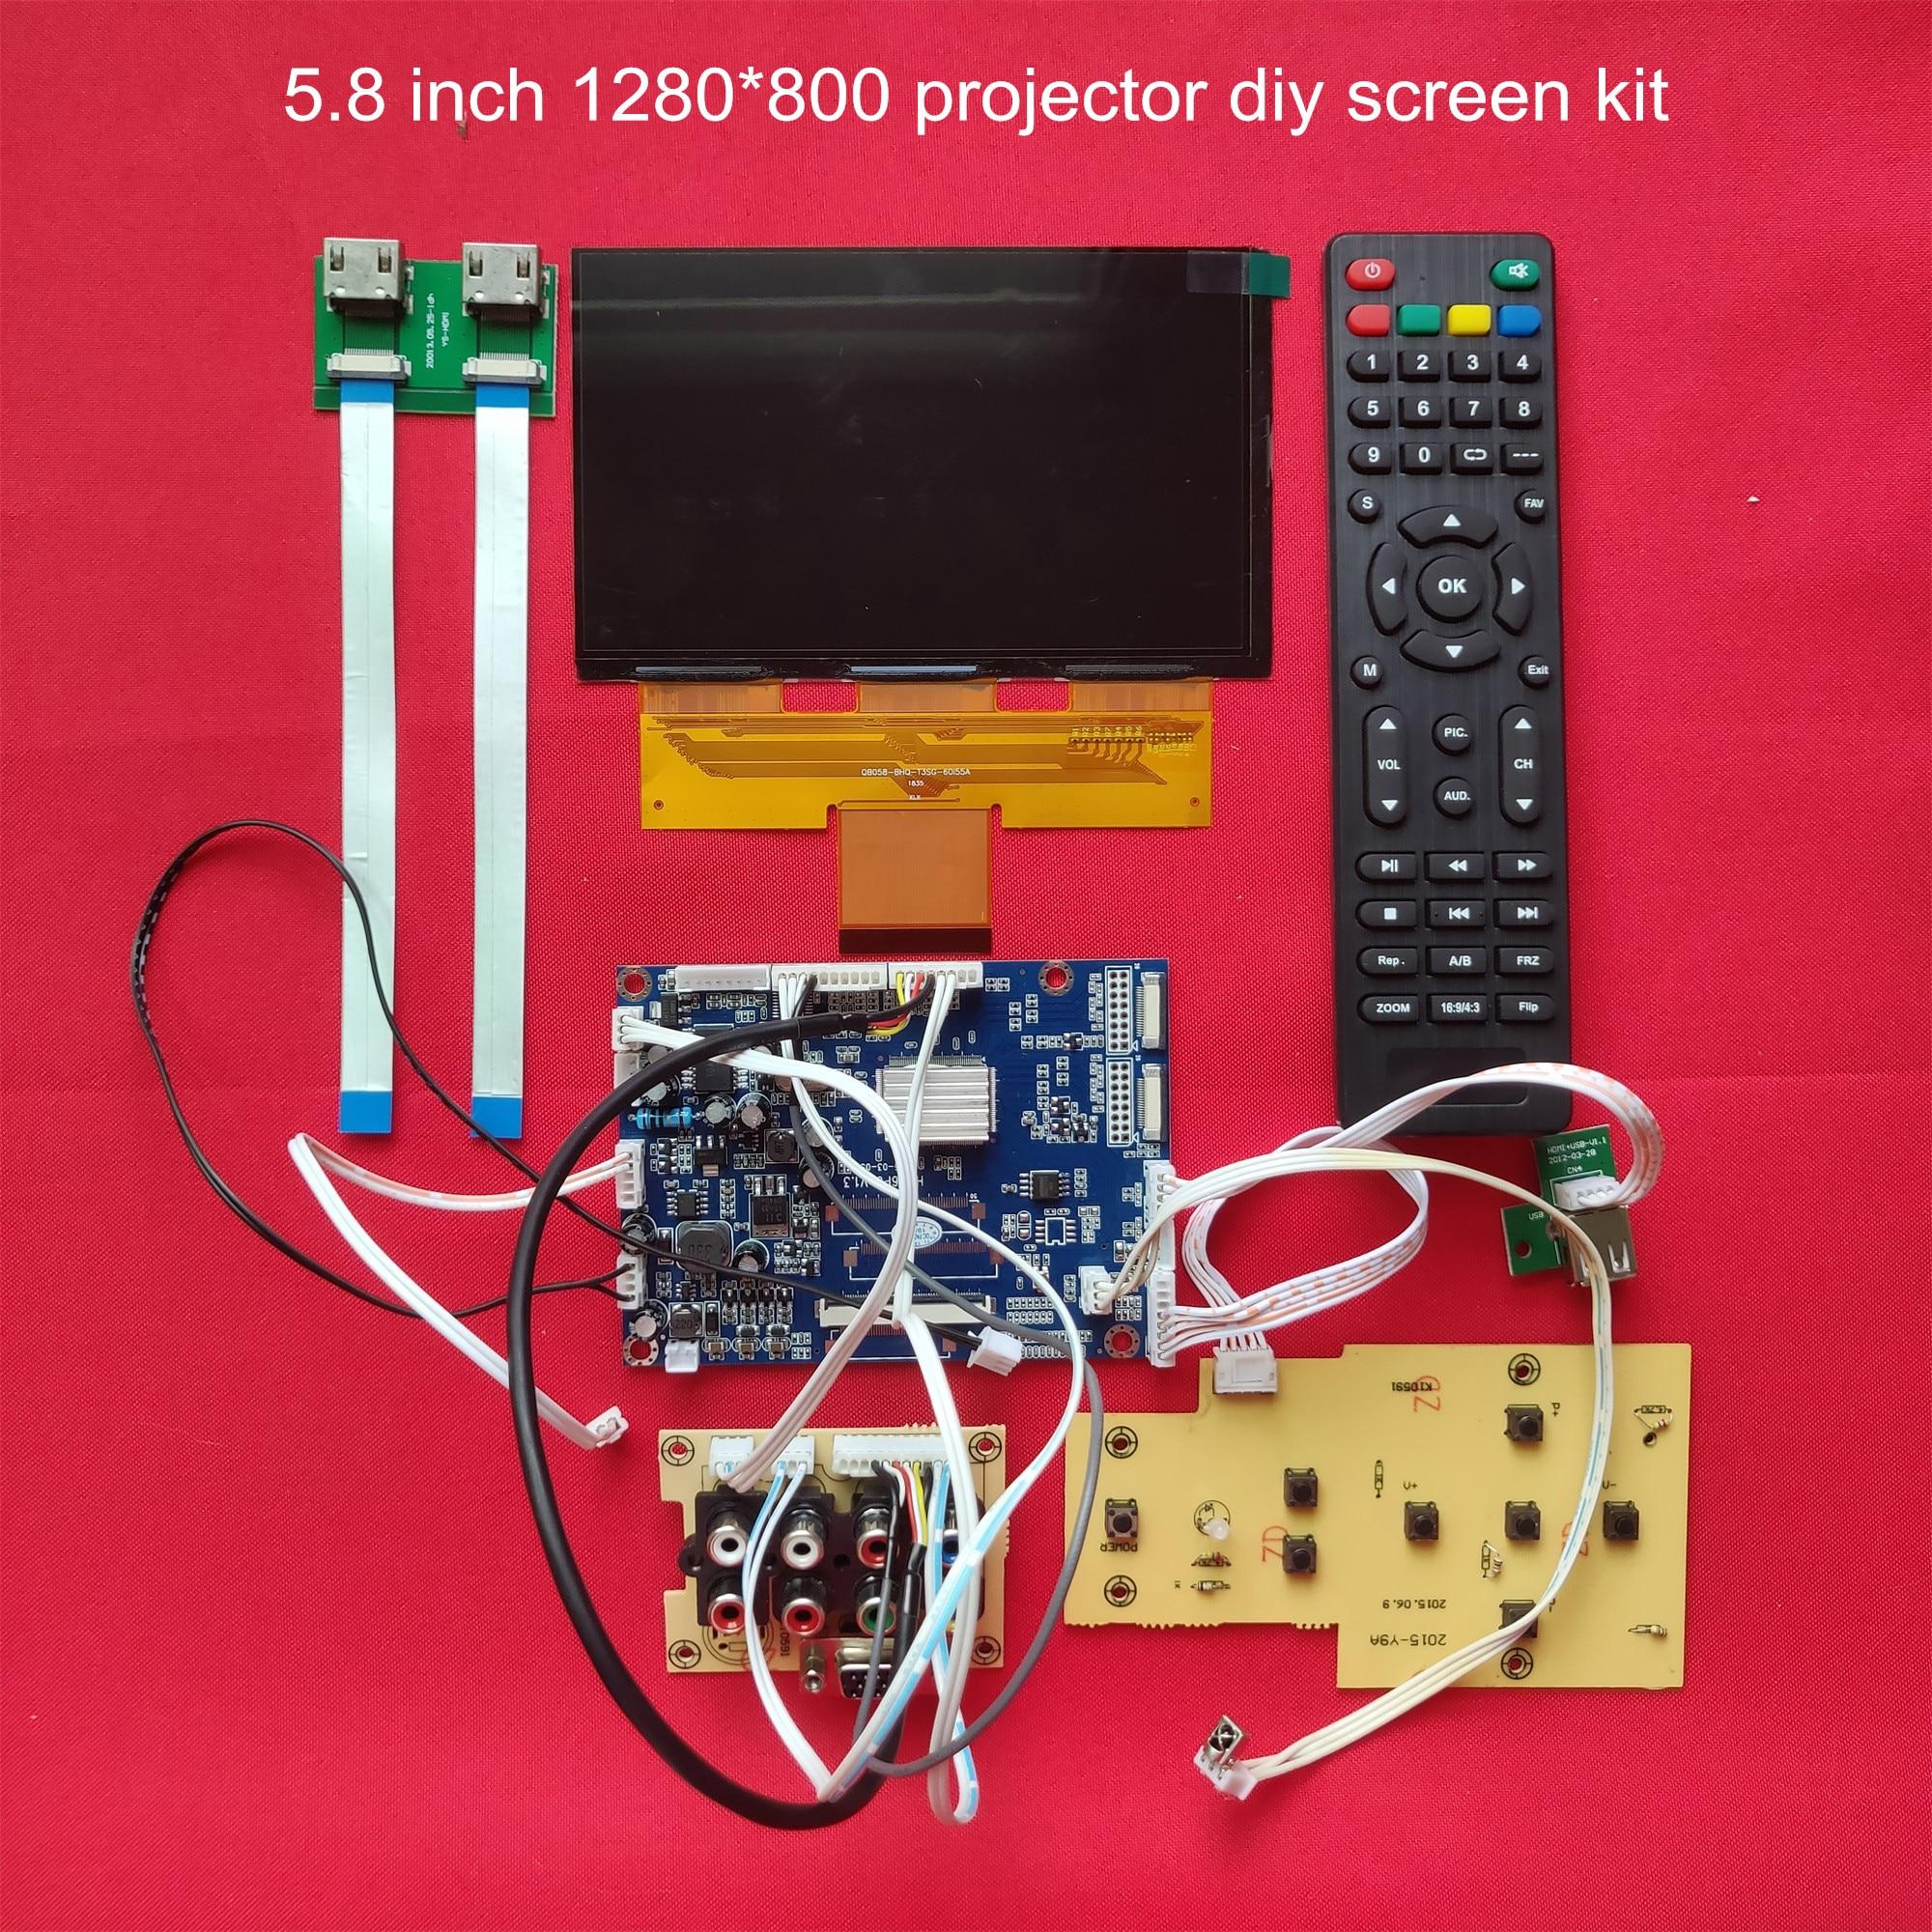 1 ensemble de 5.8 pouces 1280*768 écran lcd avec carte pilote et kit de projecteur bricolage à distance 16:9 kit de bricolage écran support 1080 p